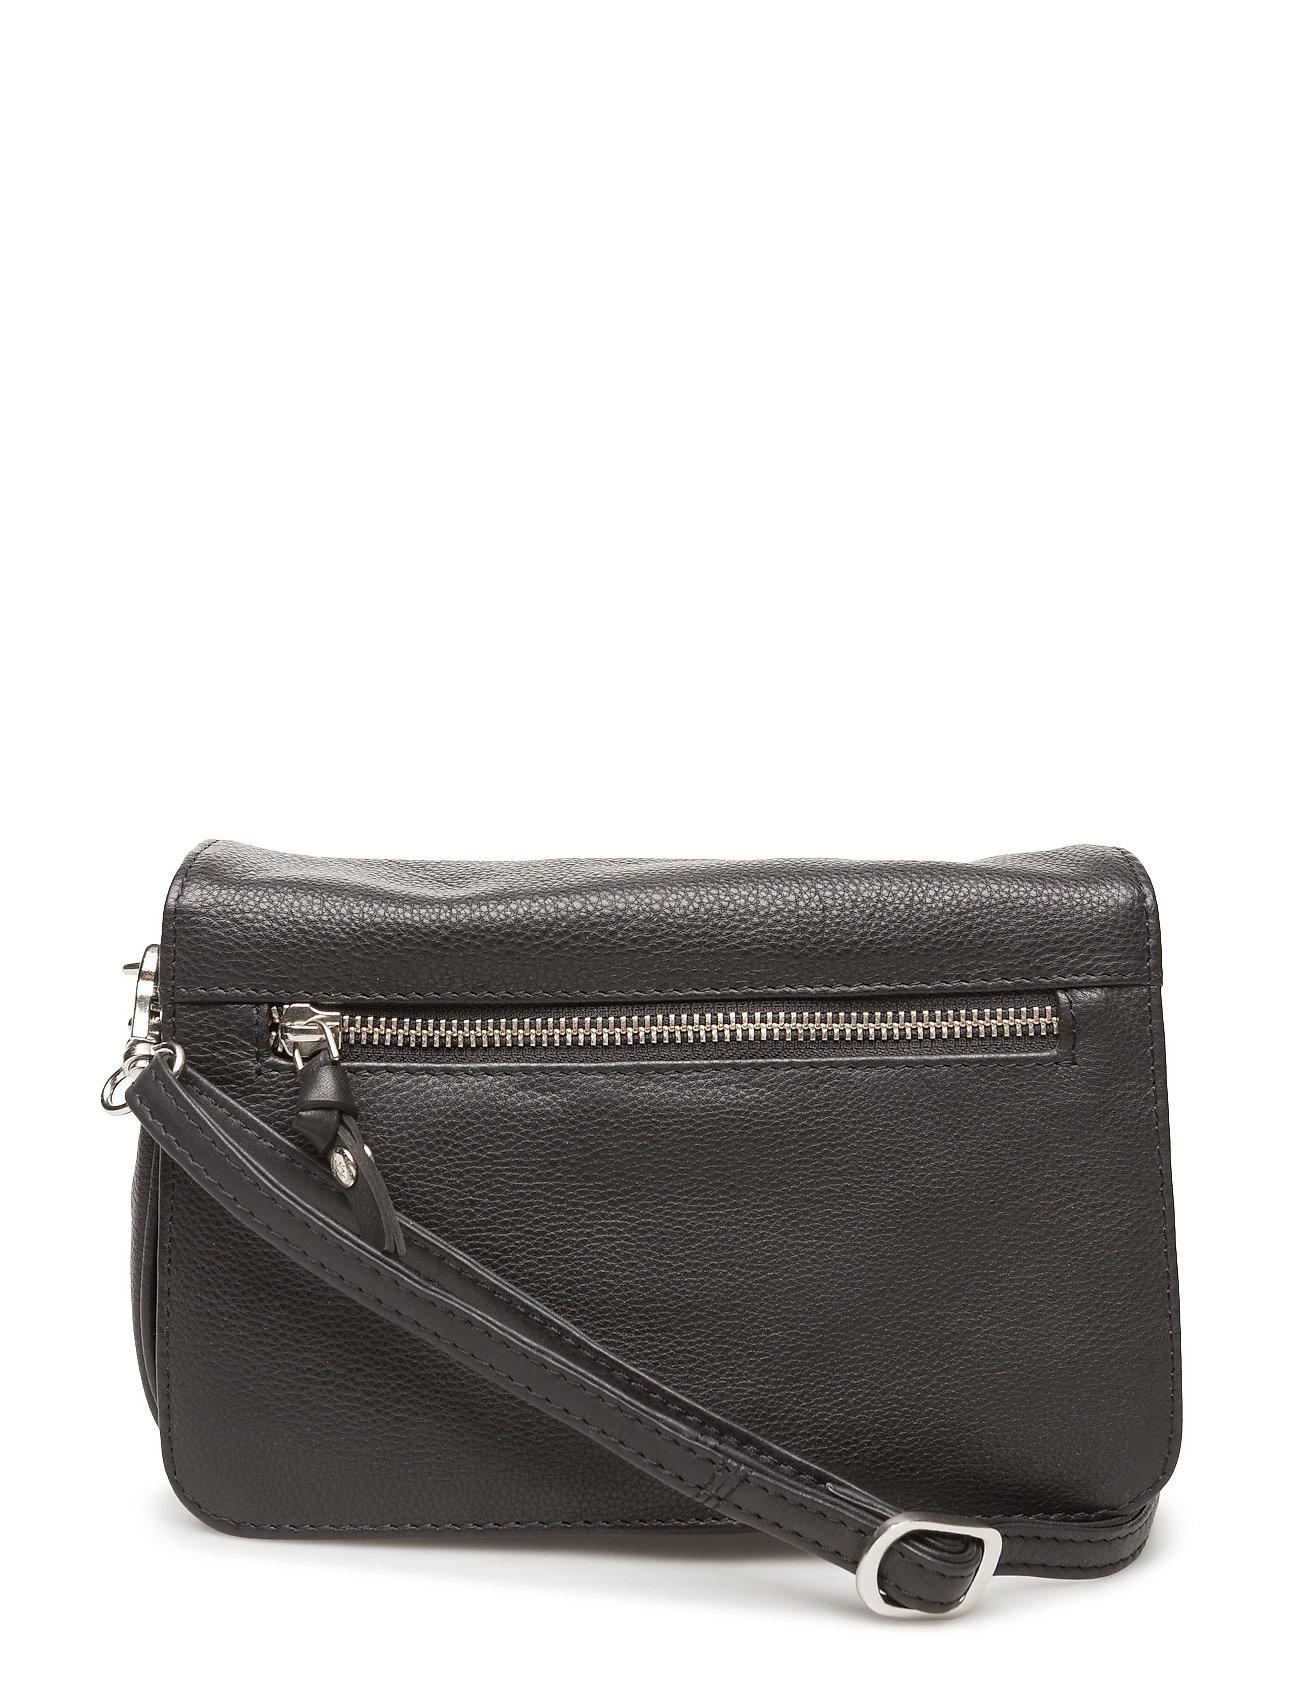 Small Bag / Clutch DEPECHE Små tasker til Damer i